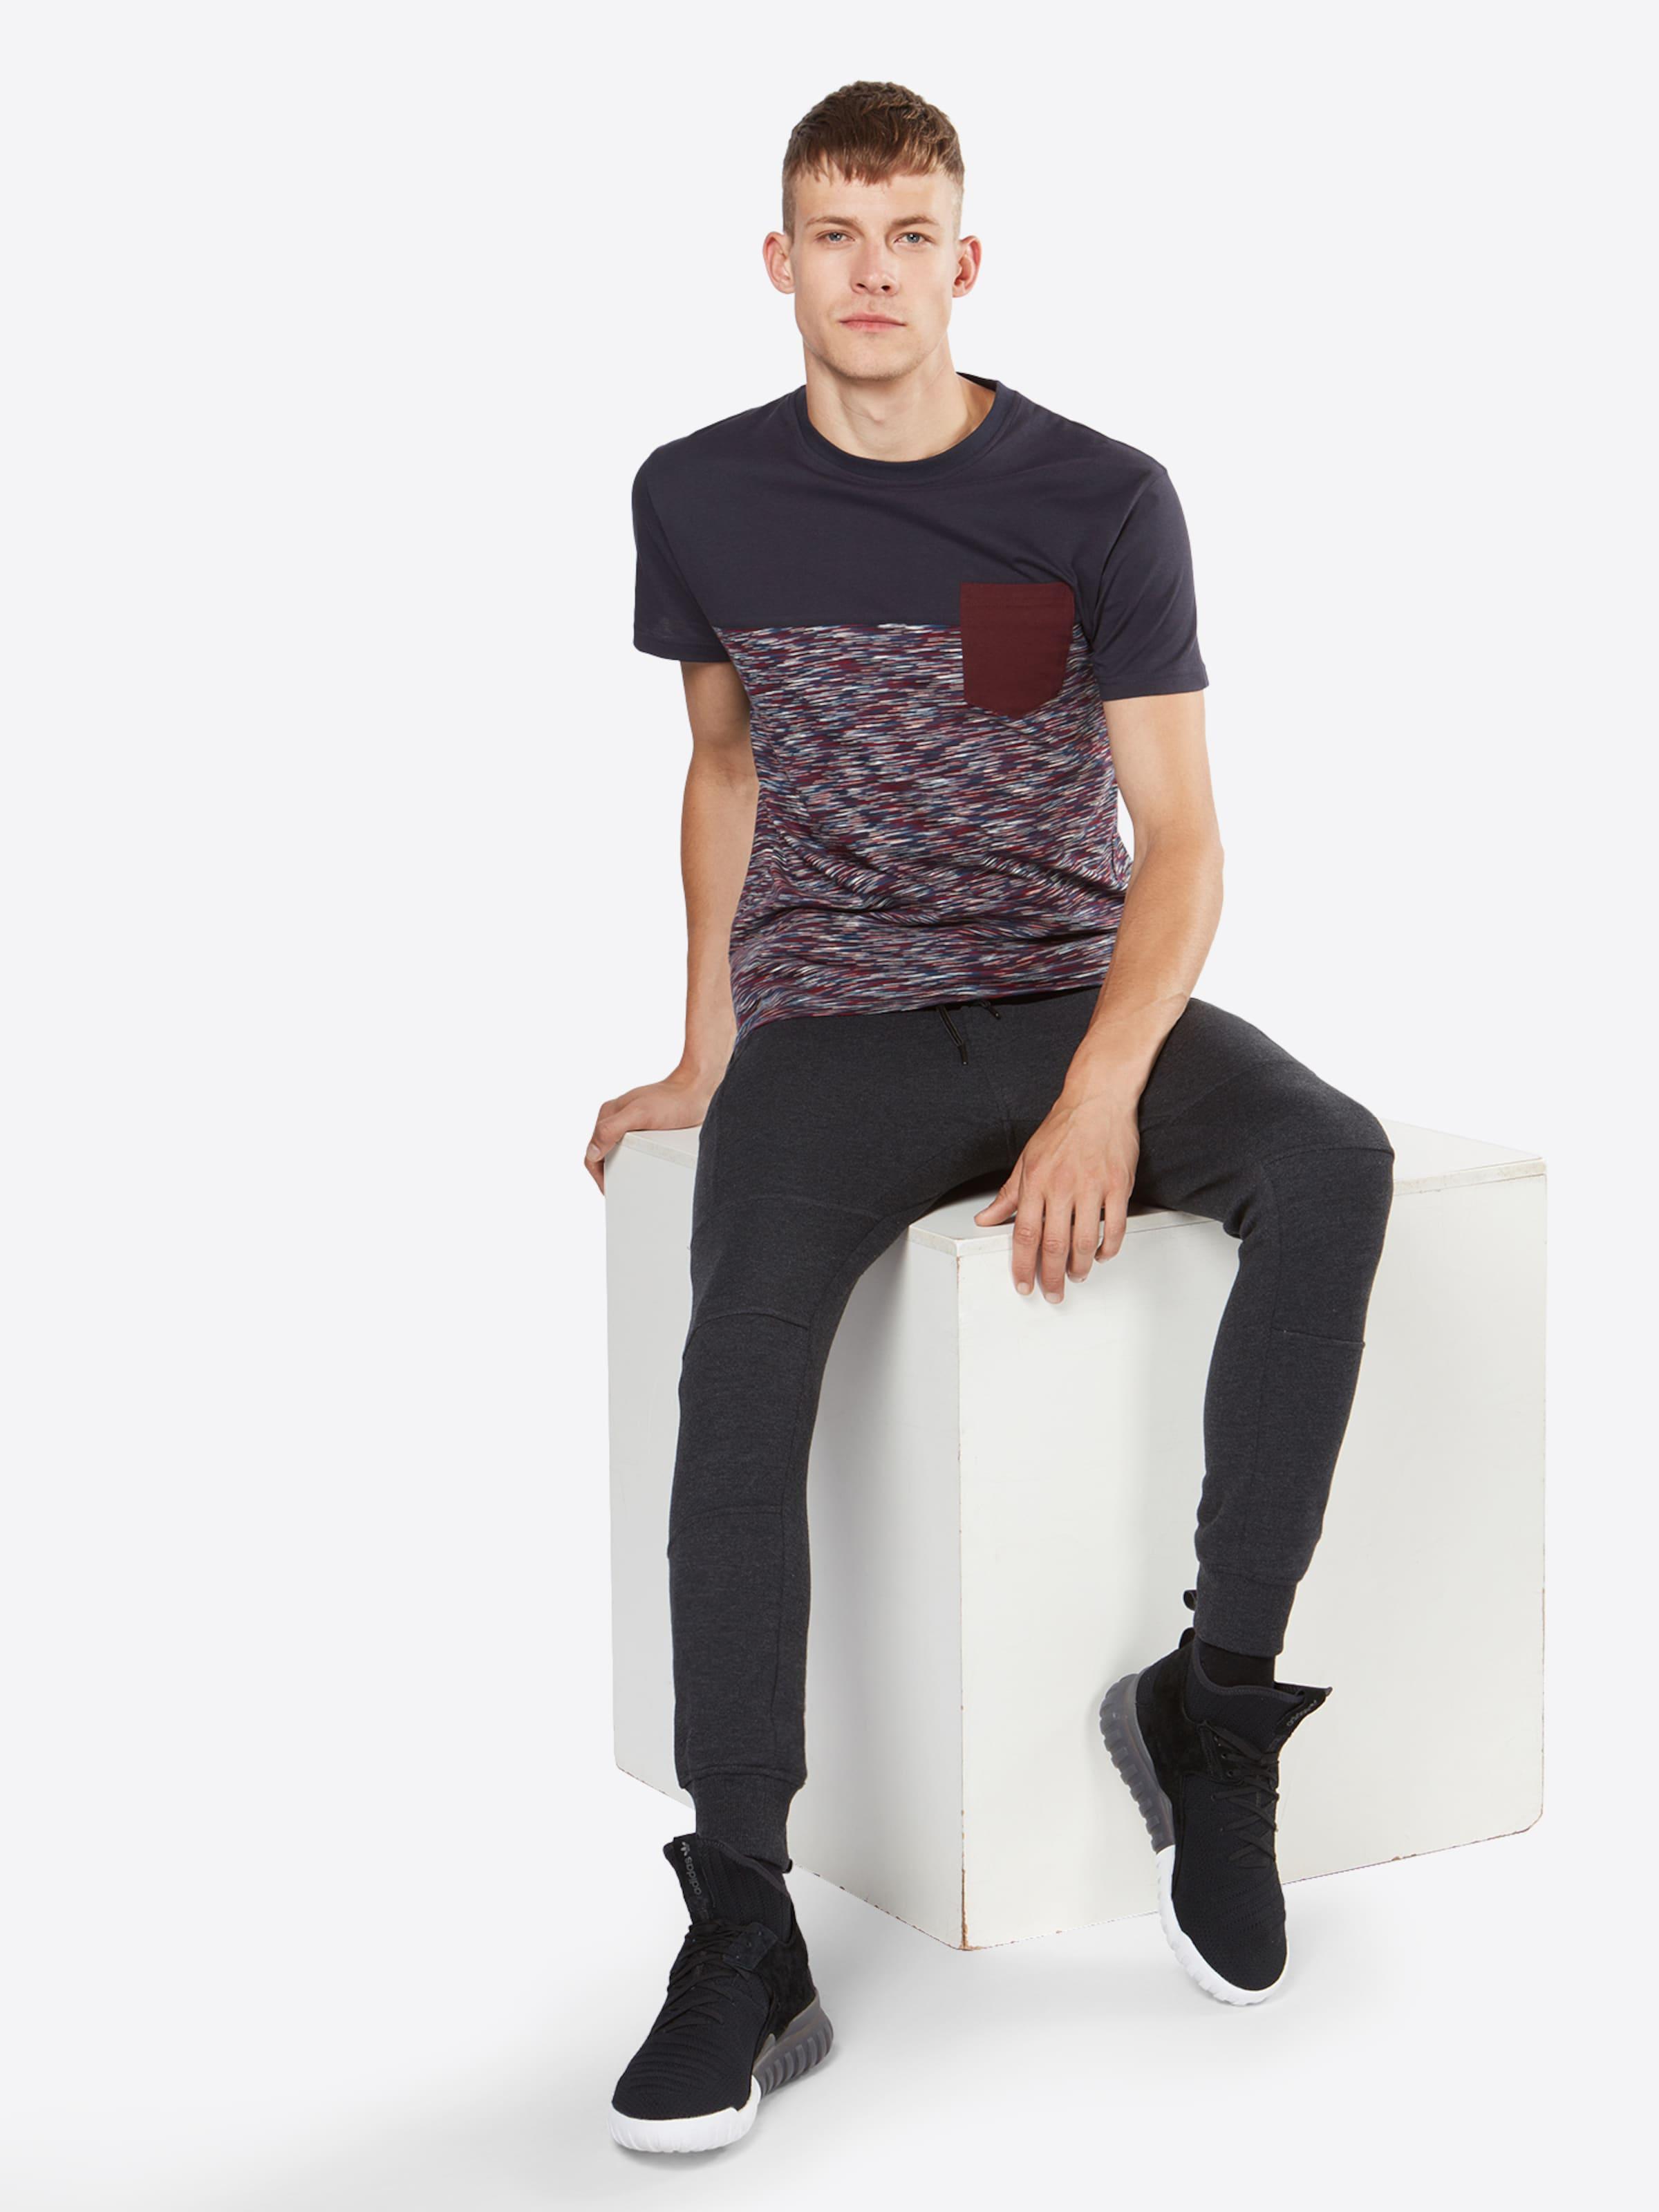 Verkauf Nicekicks Iriedaily T-Shirt aus Baumwolle Kostenloser Versand Spielraum Ansicht Amazon Online Spielraum Neuesten Kollektionen 1WoDuvX